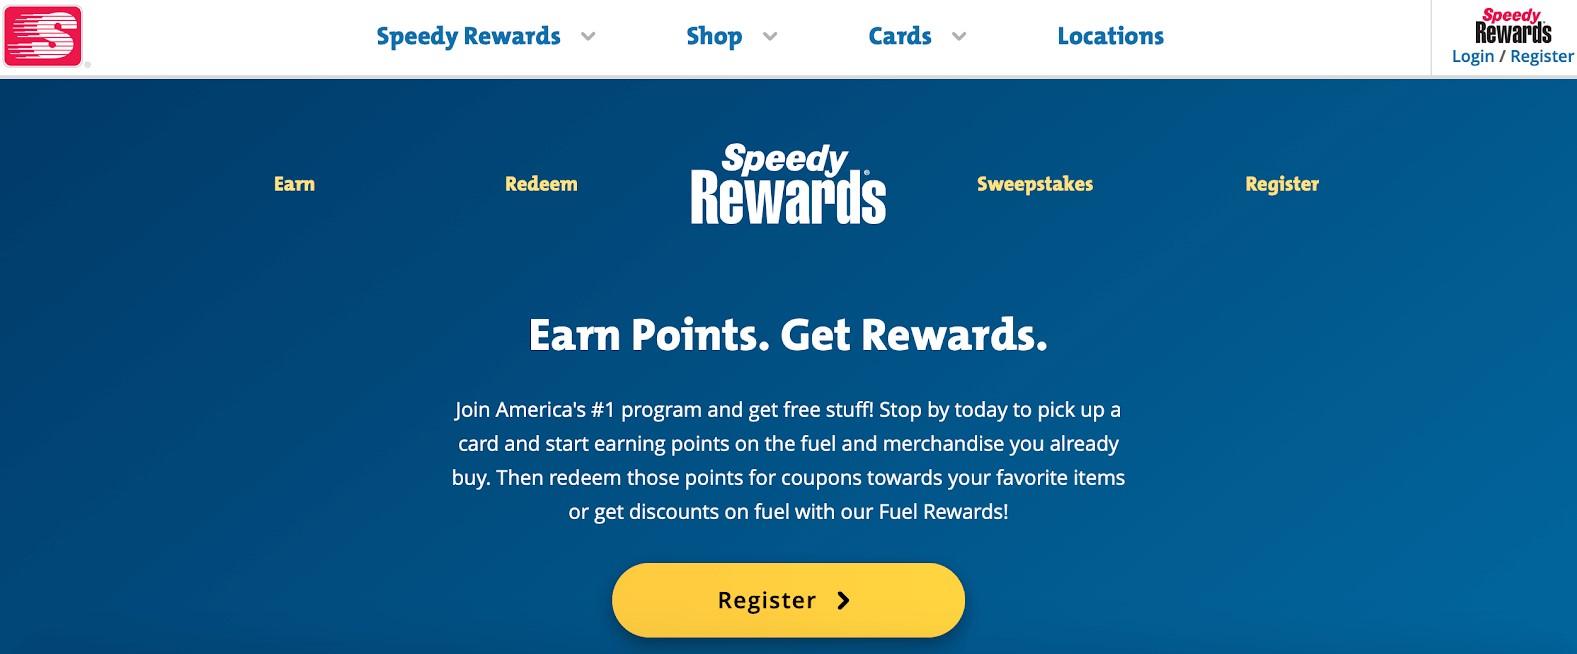 Speedway Rewards